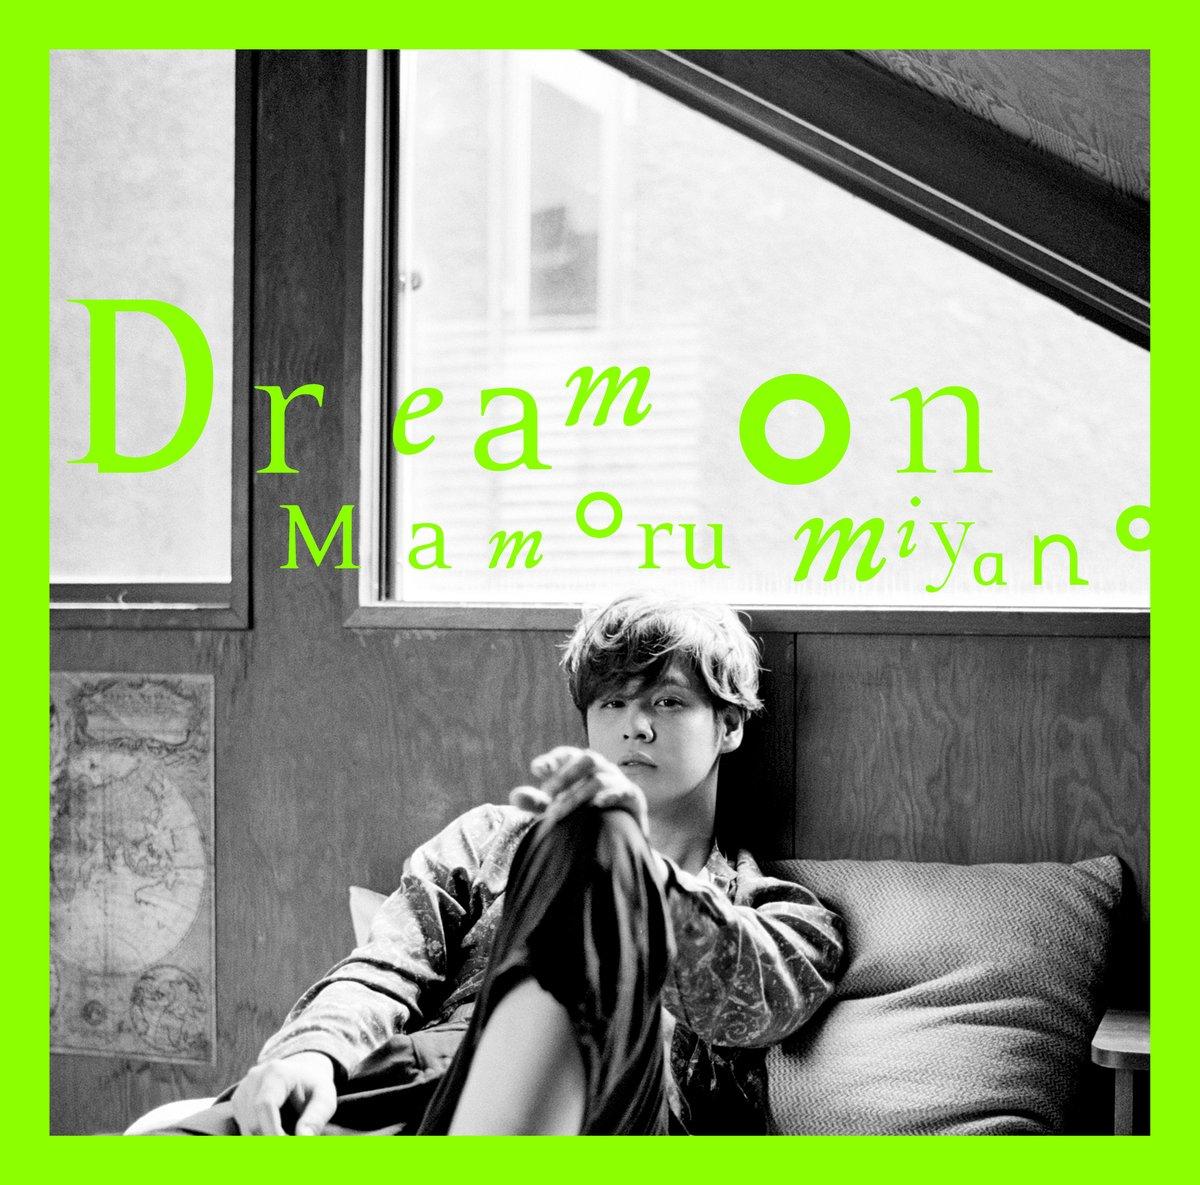 『宮野真守 - MILESTONE』収録の『Dream on』ジャケット